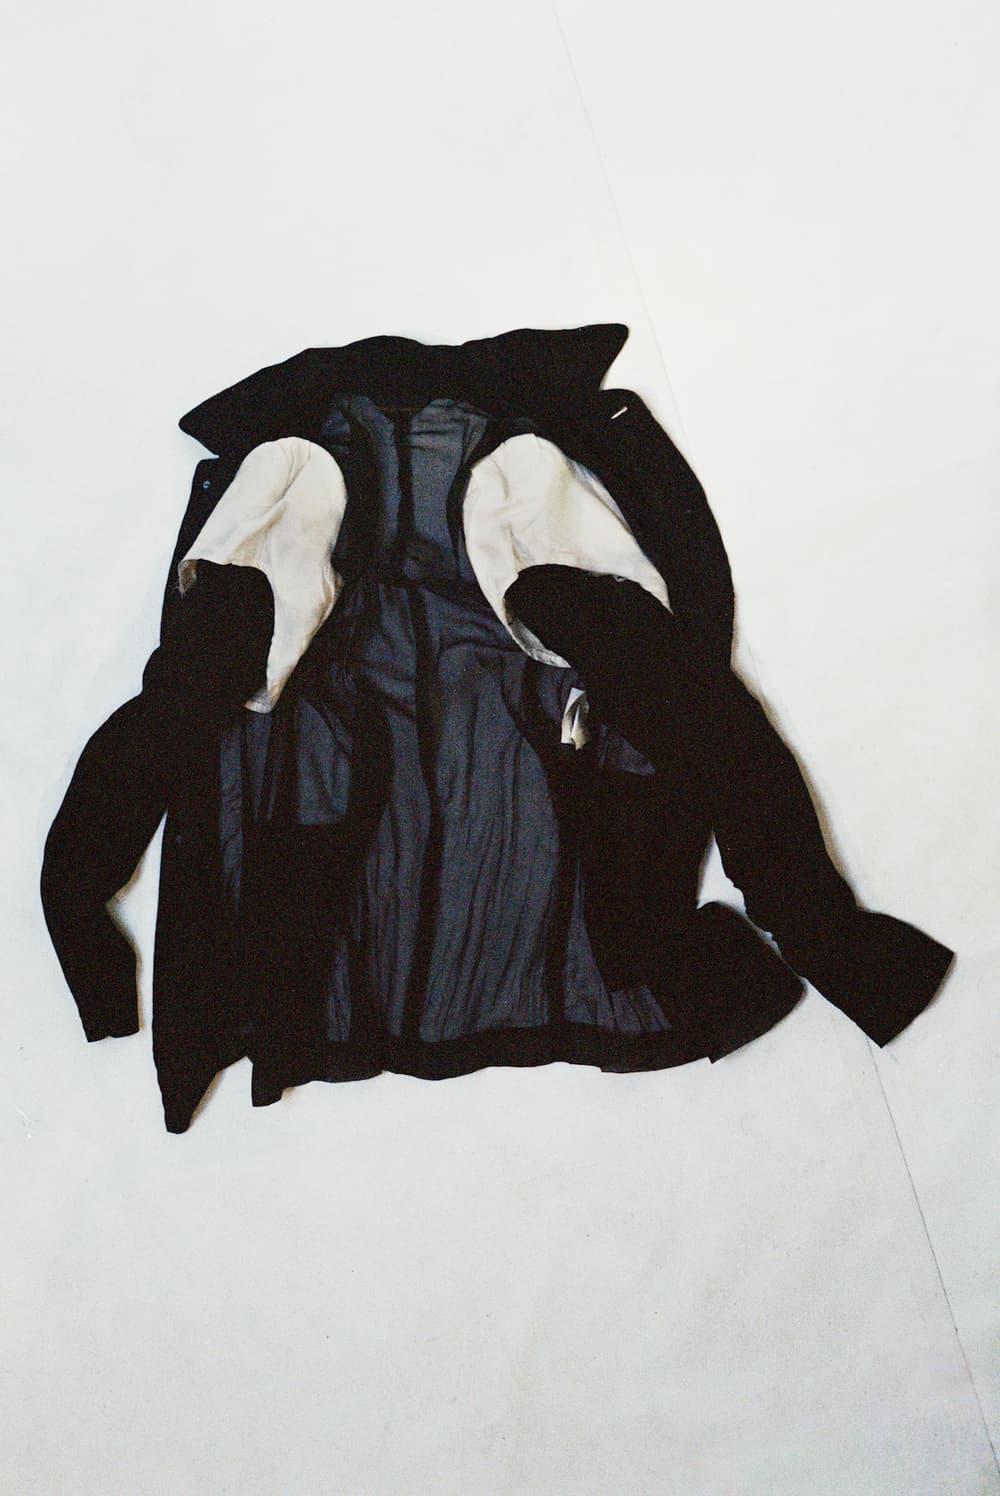 Comme des garcons Garçons Archive Pieces Rare Rei Kawakubo Design In Store Sale